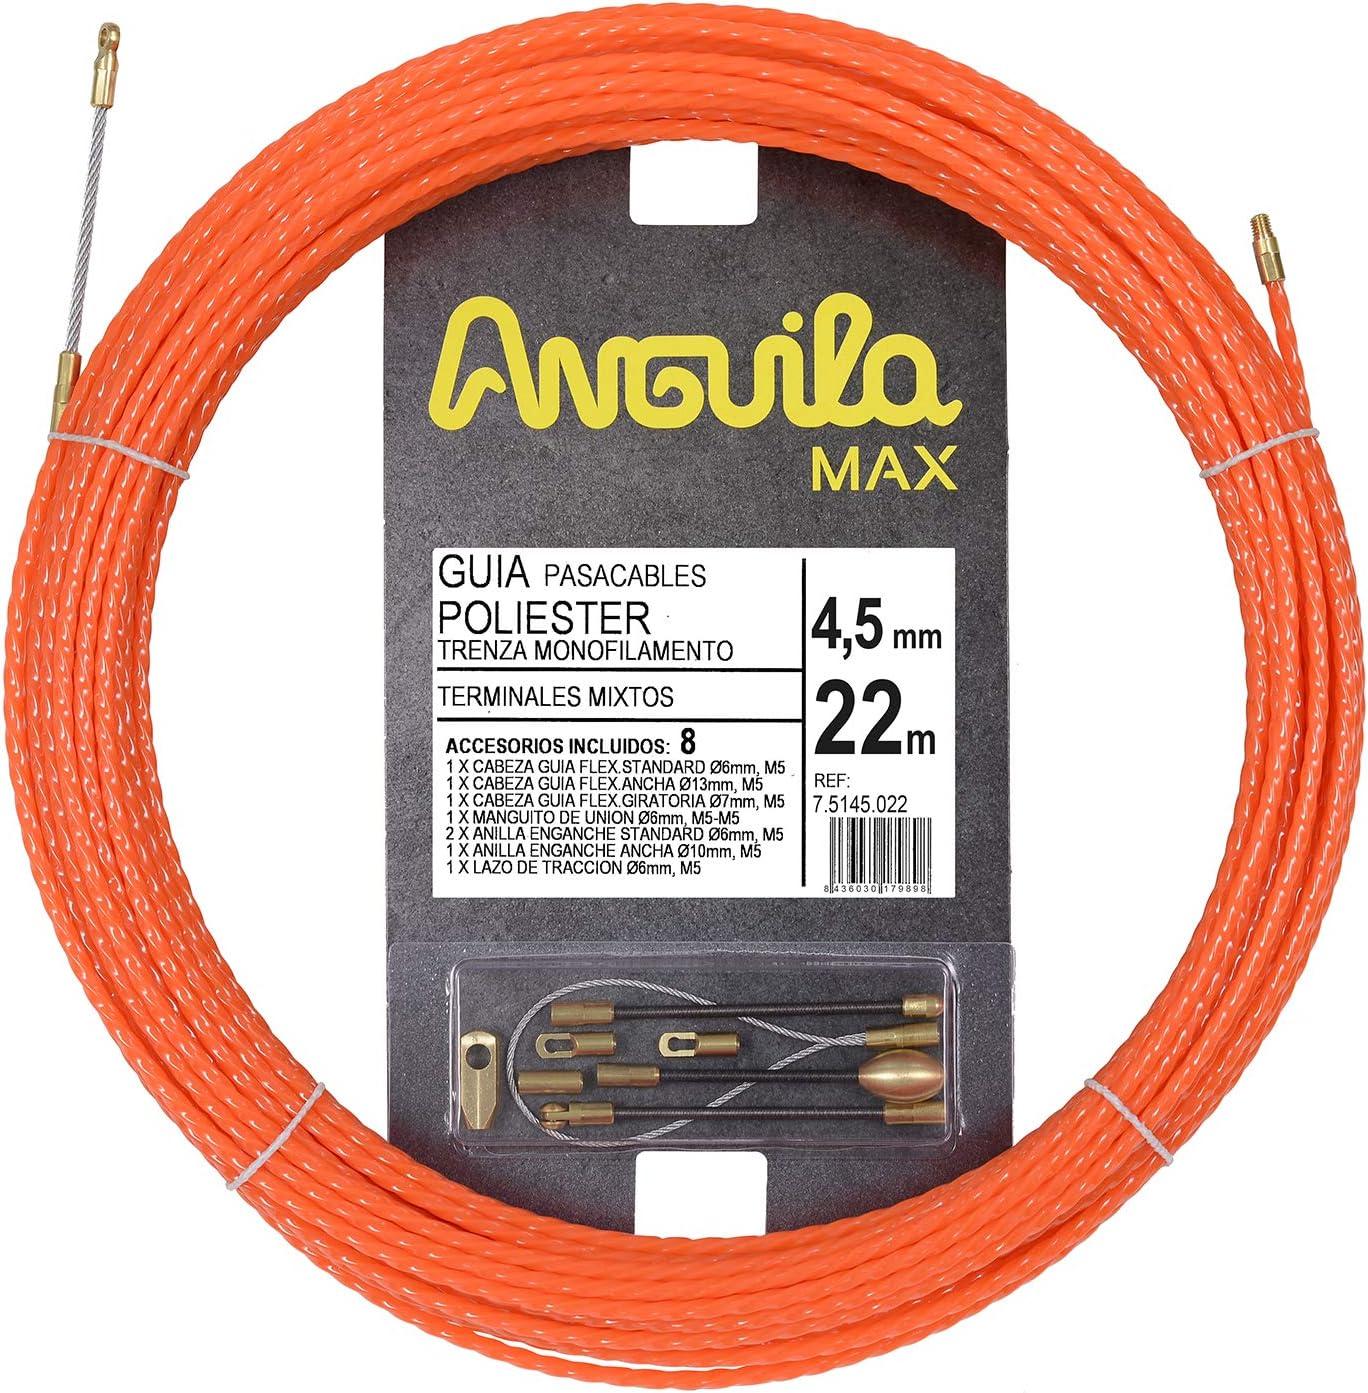 Anguila Max 7.5145.032 Gu/ía pasacables Especial Rectas Poli/éster Trenzada Monofilamento 4,5mm 32 Metros y terminales Mixtos Naranja